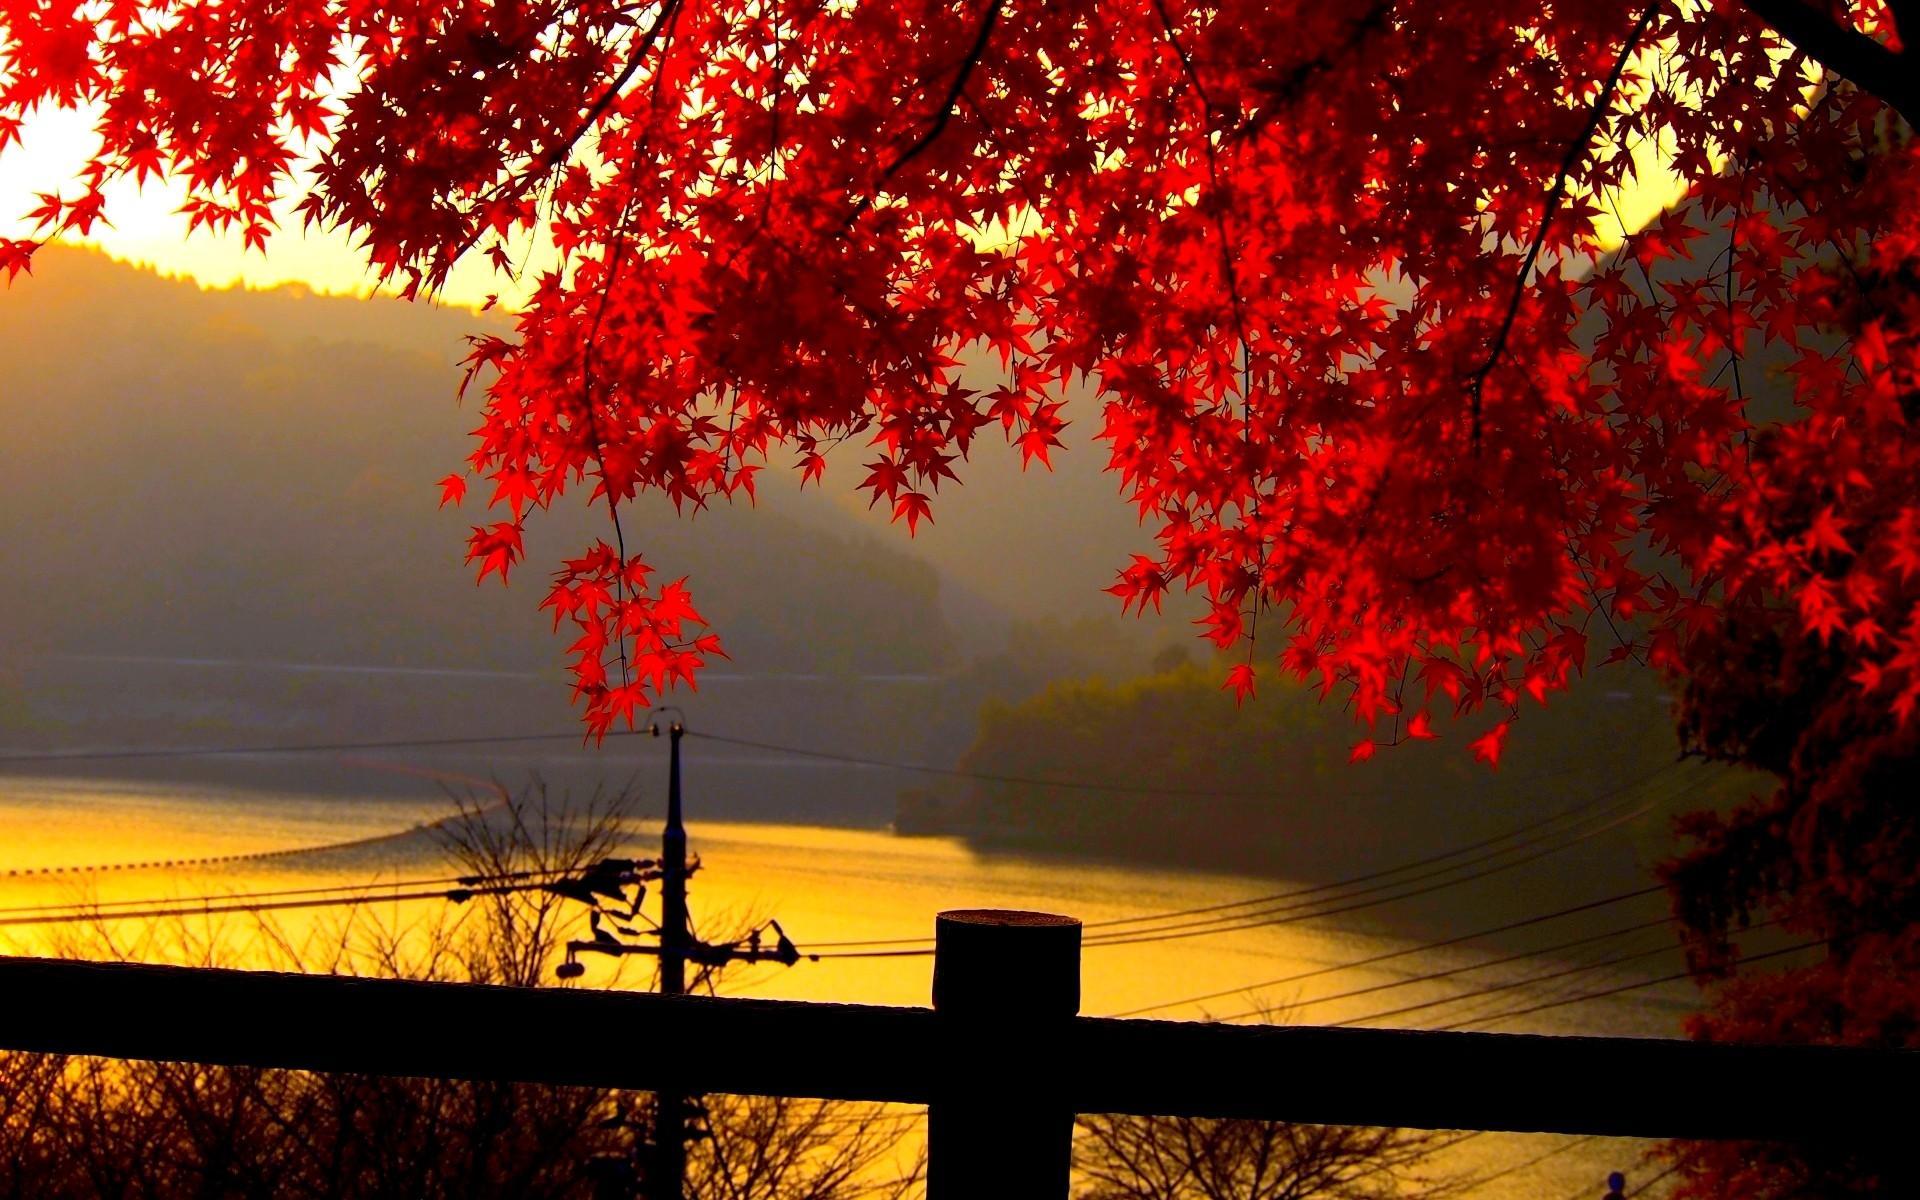 Fall Leaves Wallpaper High Resolution #ksy10 aHuHaH.com